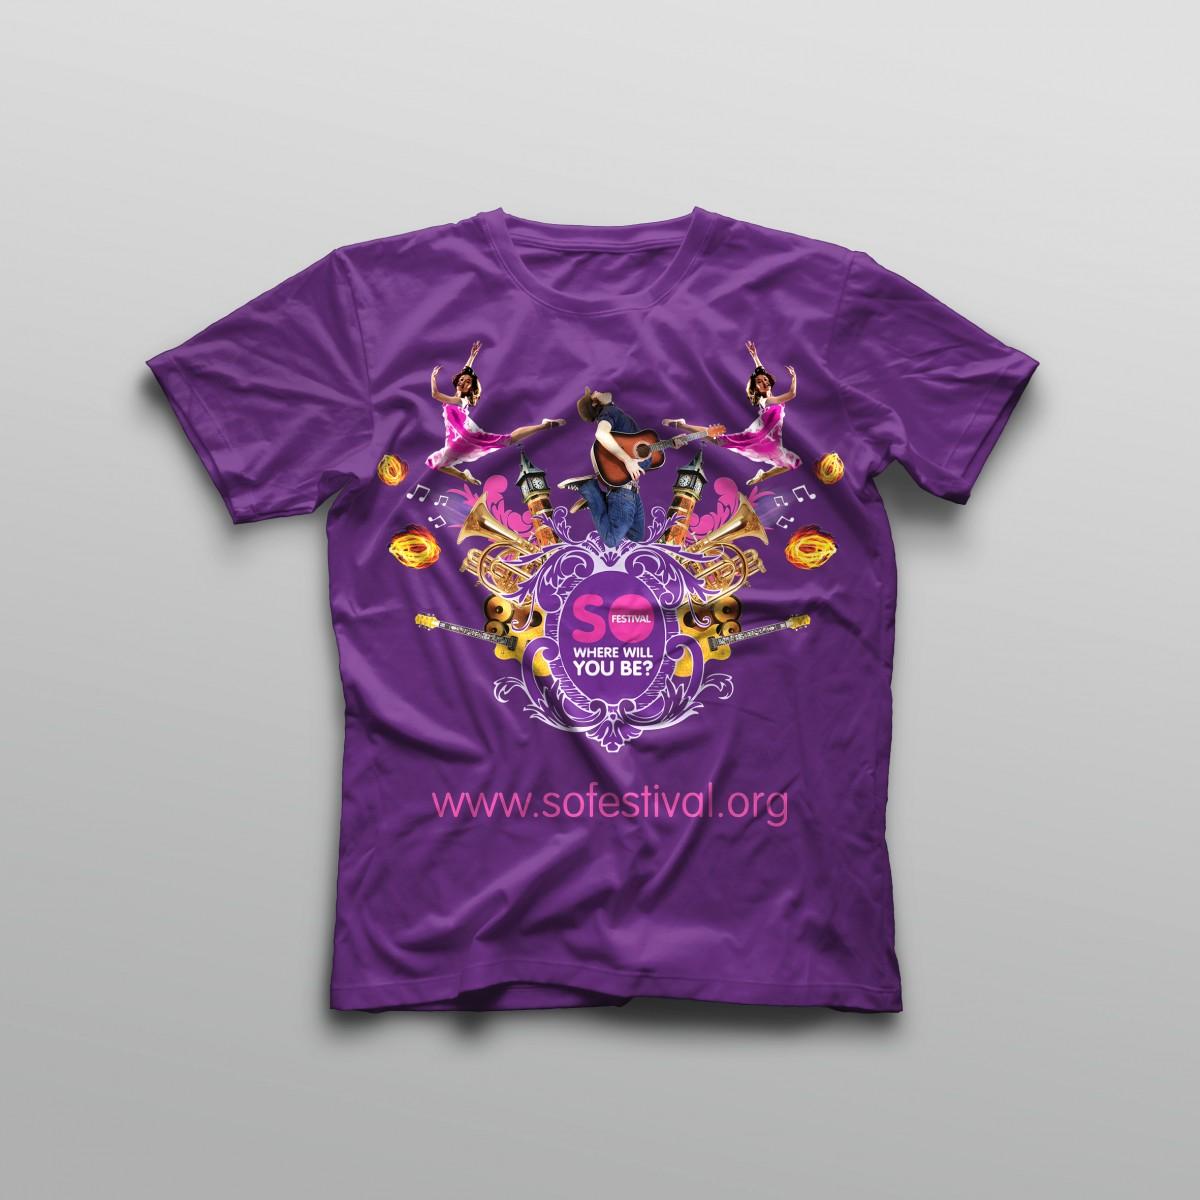 SO Festival Shirt